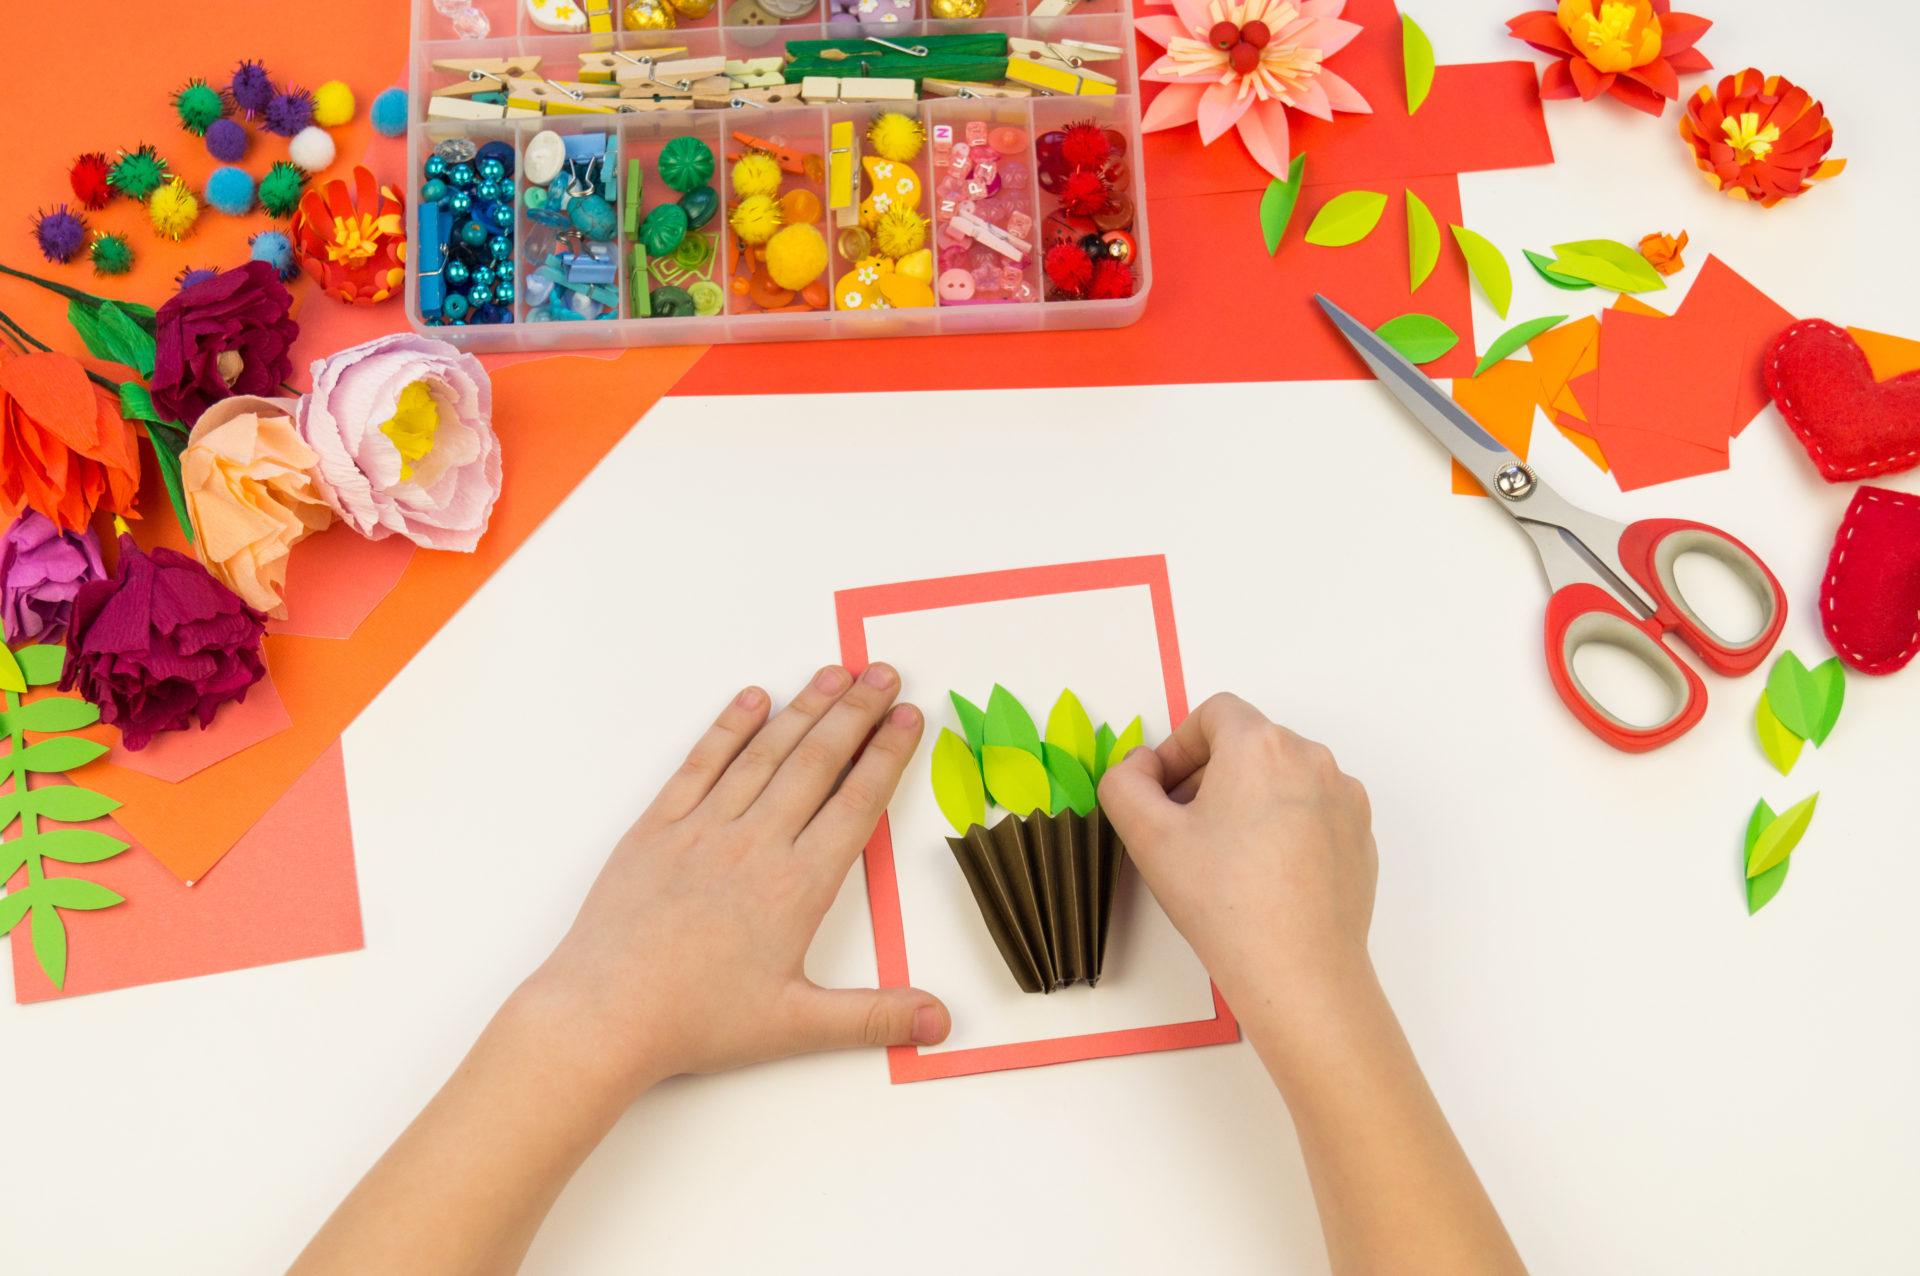 Activités Pour Enfant Pour Le Printemps ; Loisirs Creatifs intérieur Activité Fille 6 Ans